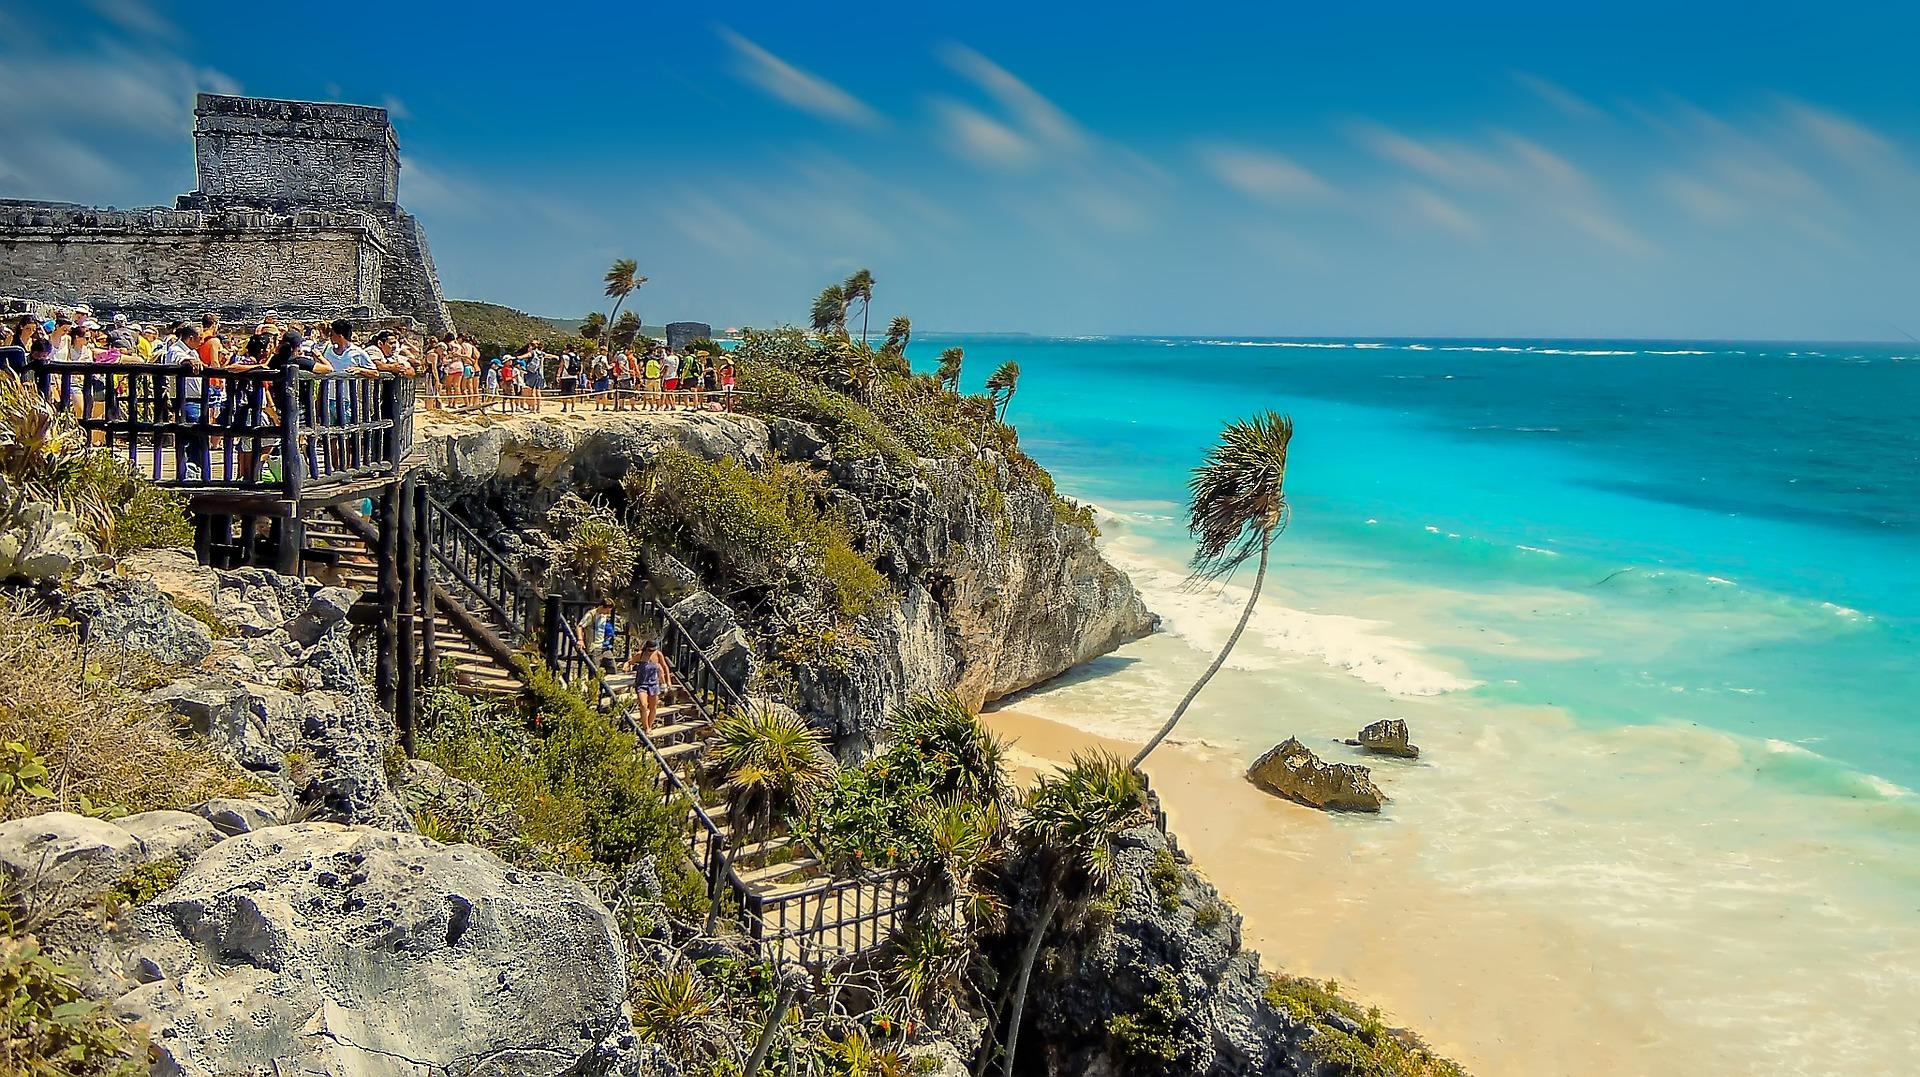 Die schönsten Reiseziele in Mexiko: Tulum